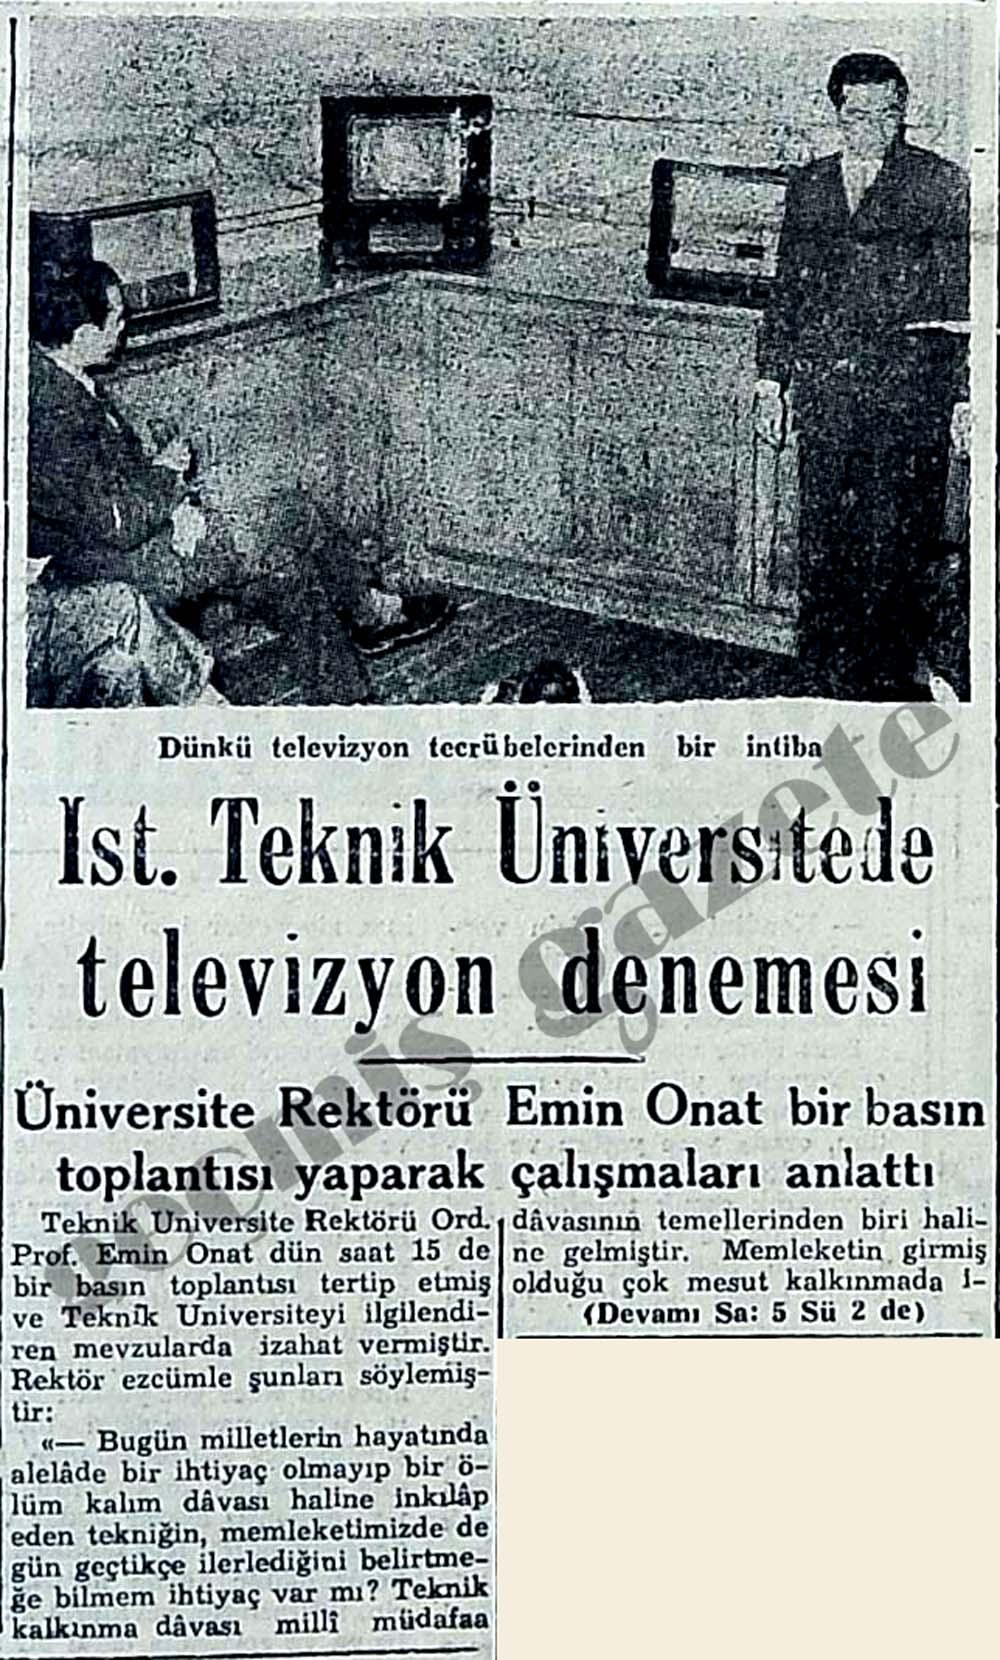 İstanbul Teknik Üniversitede televizyon denemesi